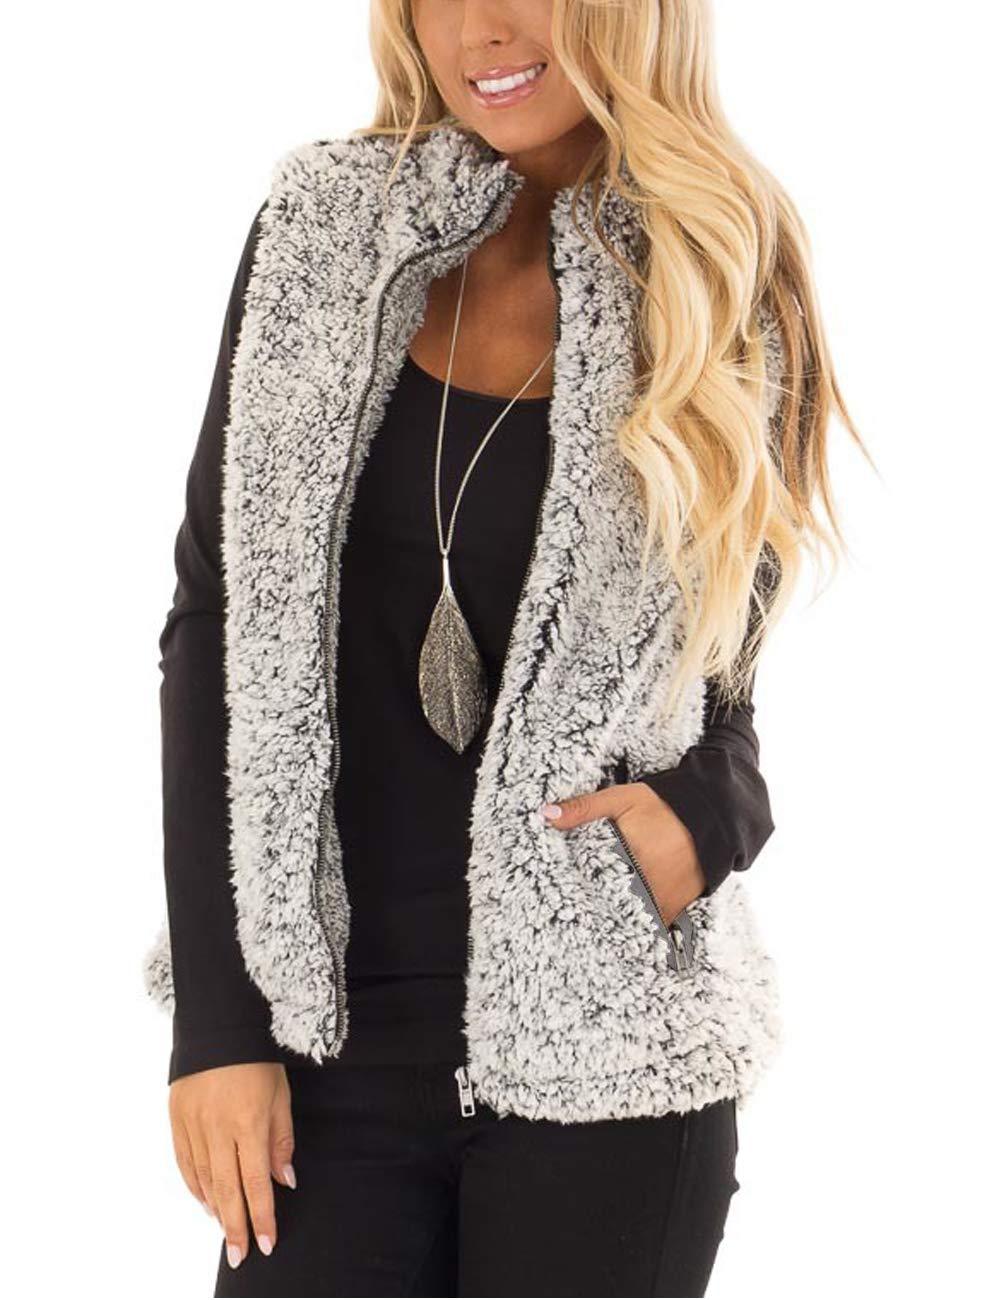 MEROKEETY Women's Casual Sherpa Fleece Lightweight Fall Warm Zipper Vest with Pockets Heather Dark Grey by MEROKEETY